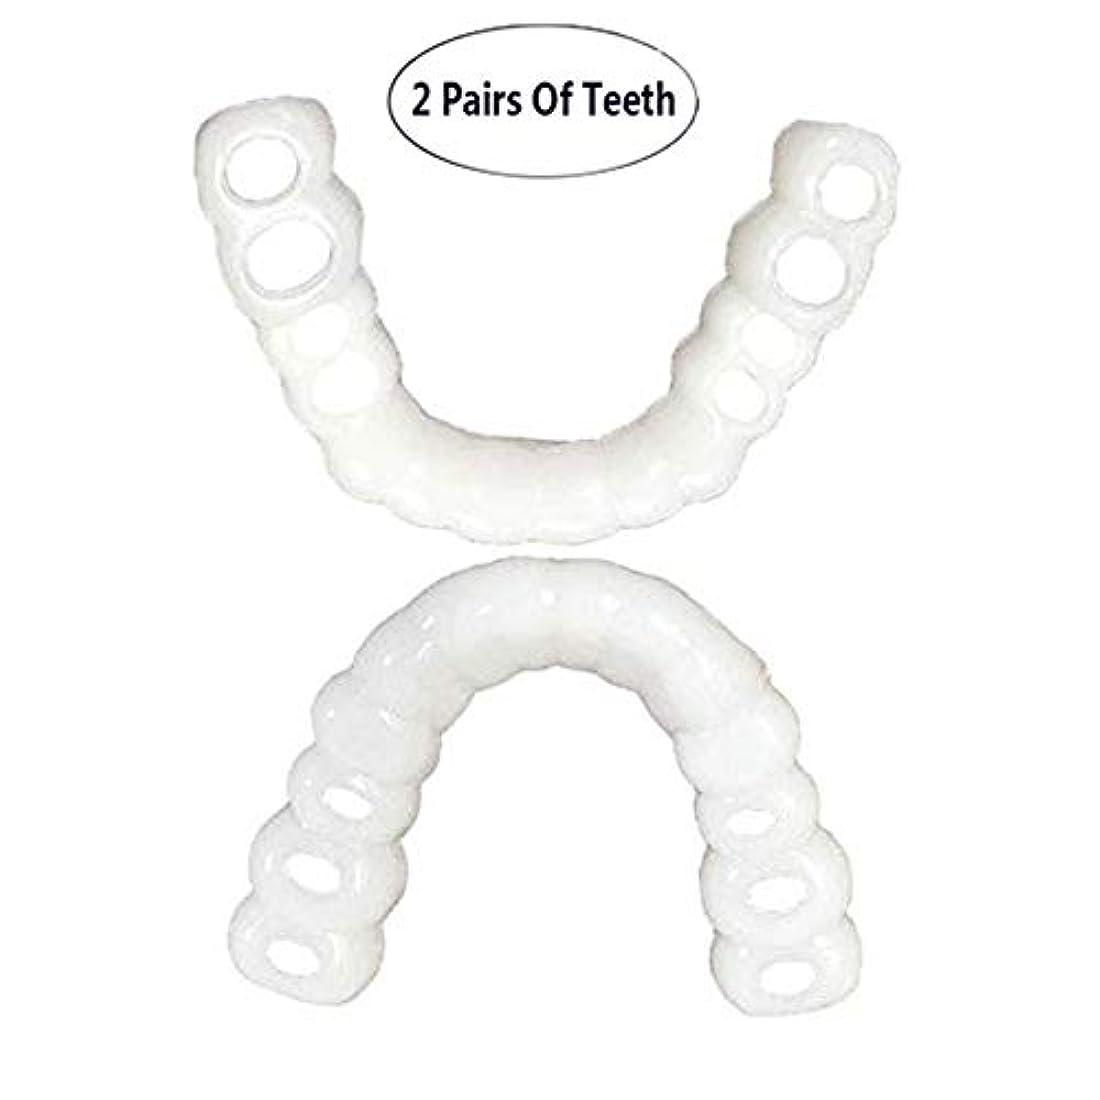 スラダム水陸両用シマウマ上歯の化粧板の2枚、フレックス化粧品の歯に適した化粧品の歯科快適性、最も快適な義歯のケア,2upperteeth